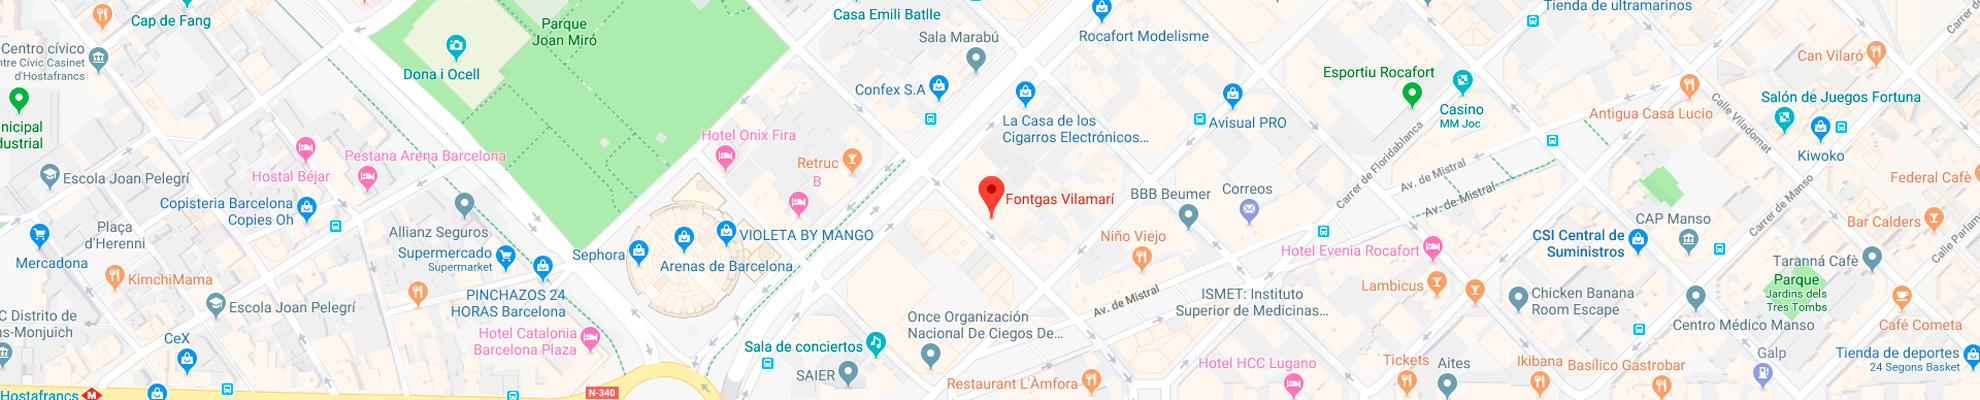 Dirección de Fontgas Vilamari